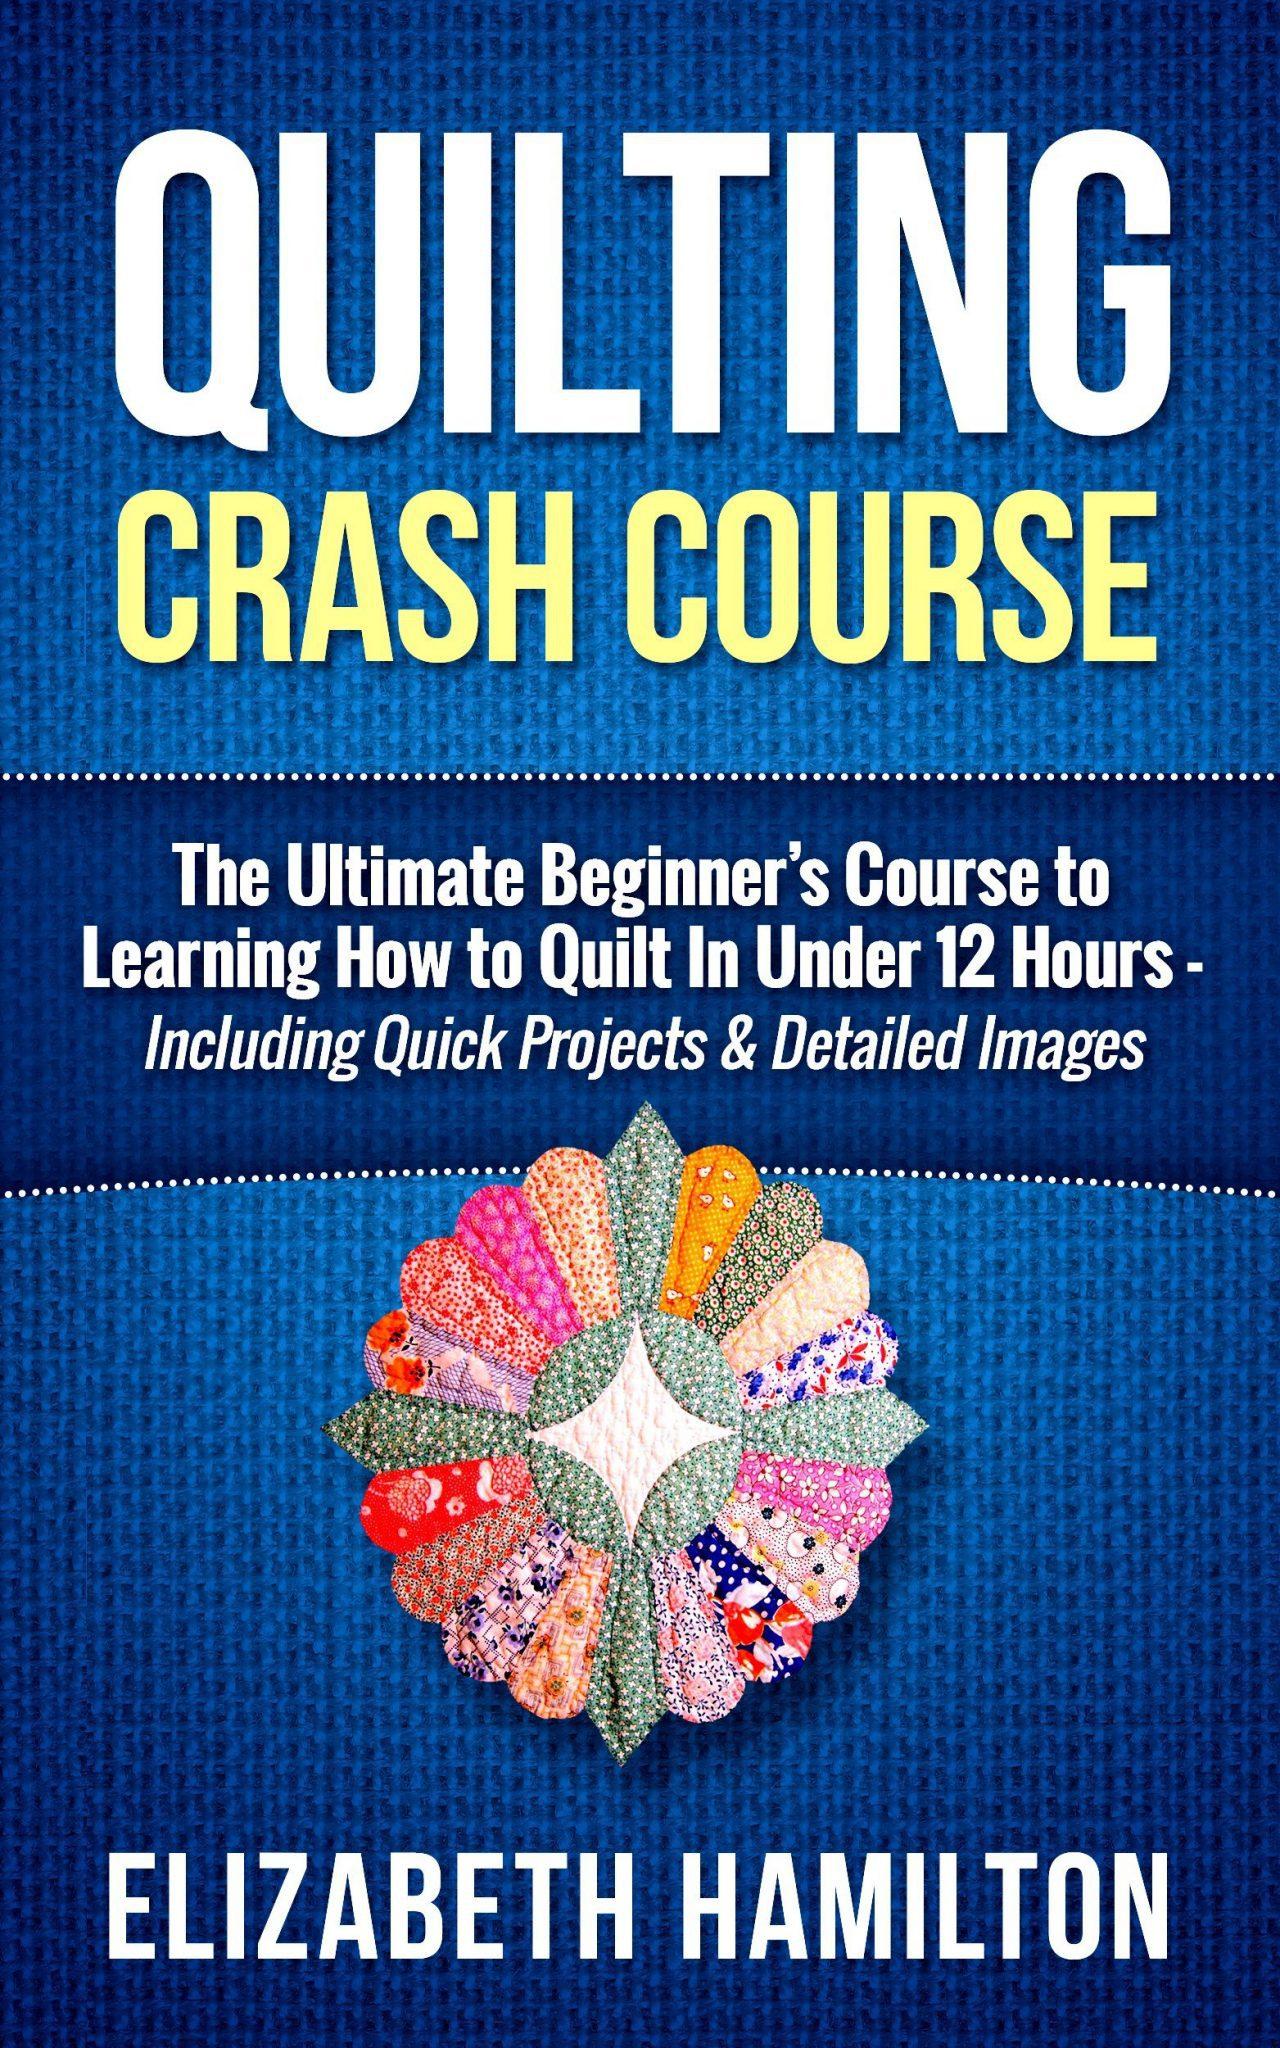 quilting-crash-course